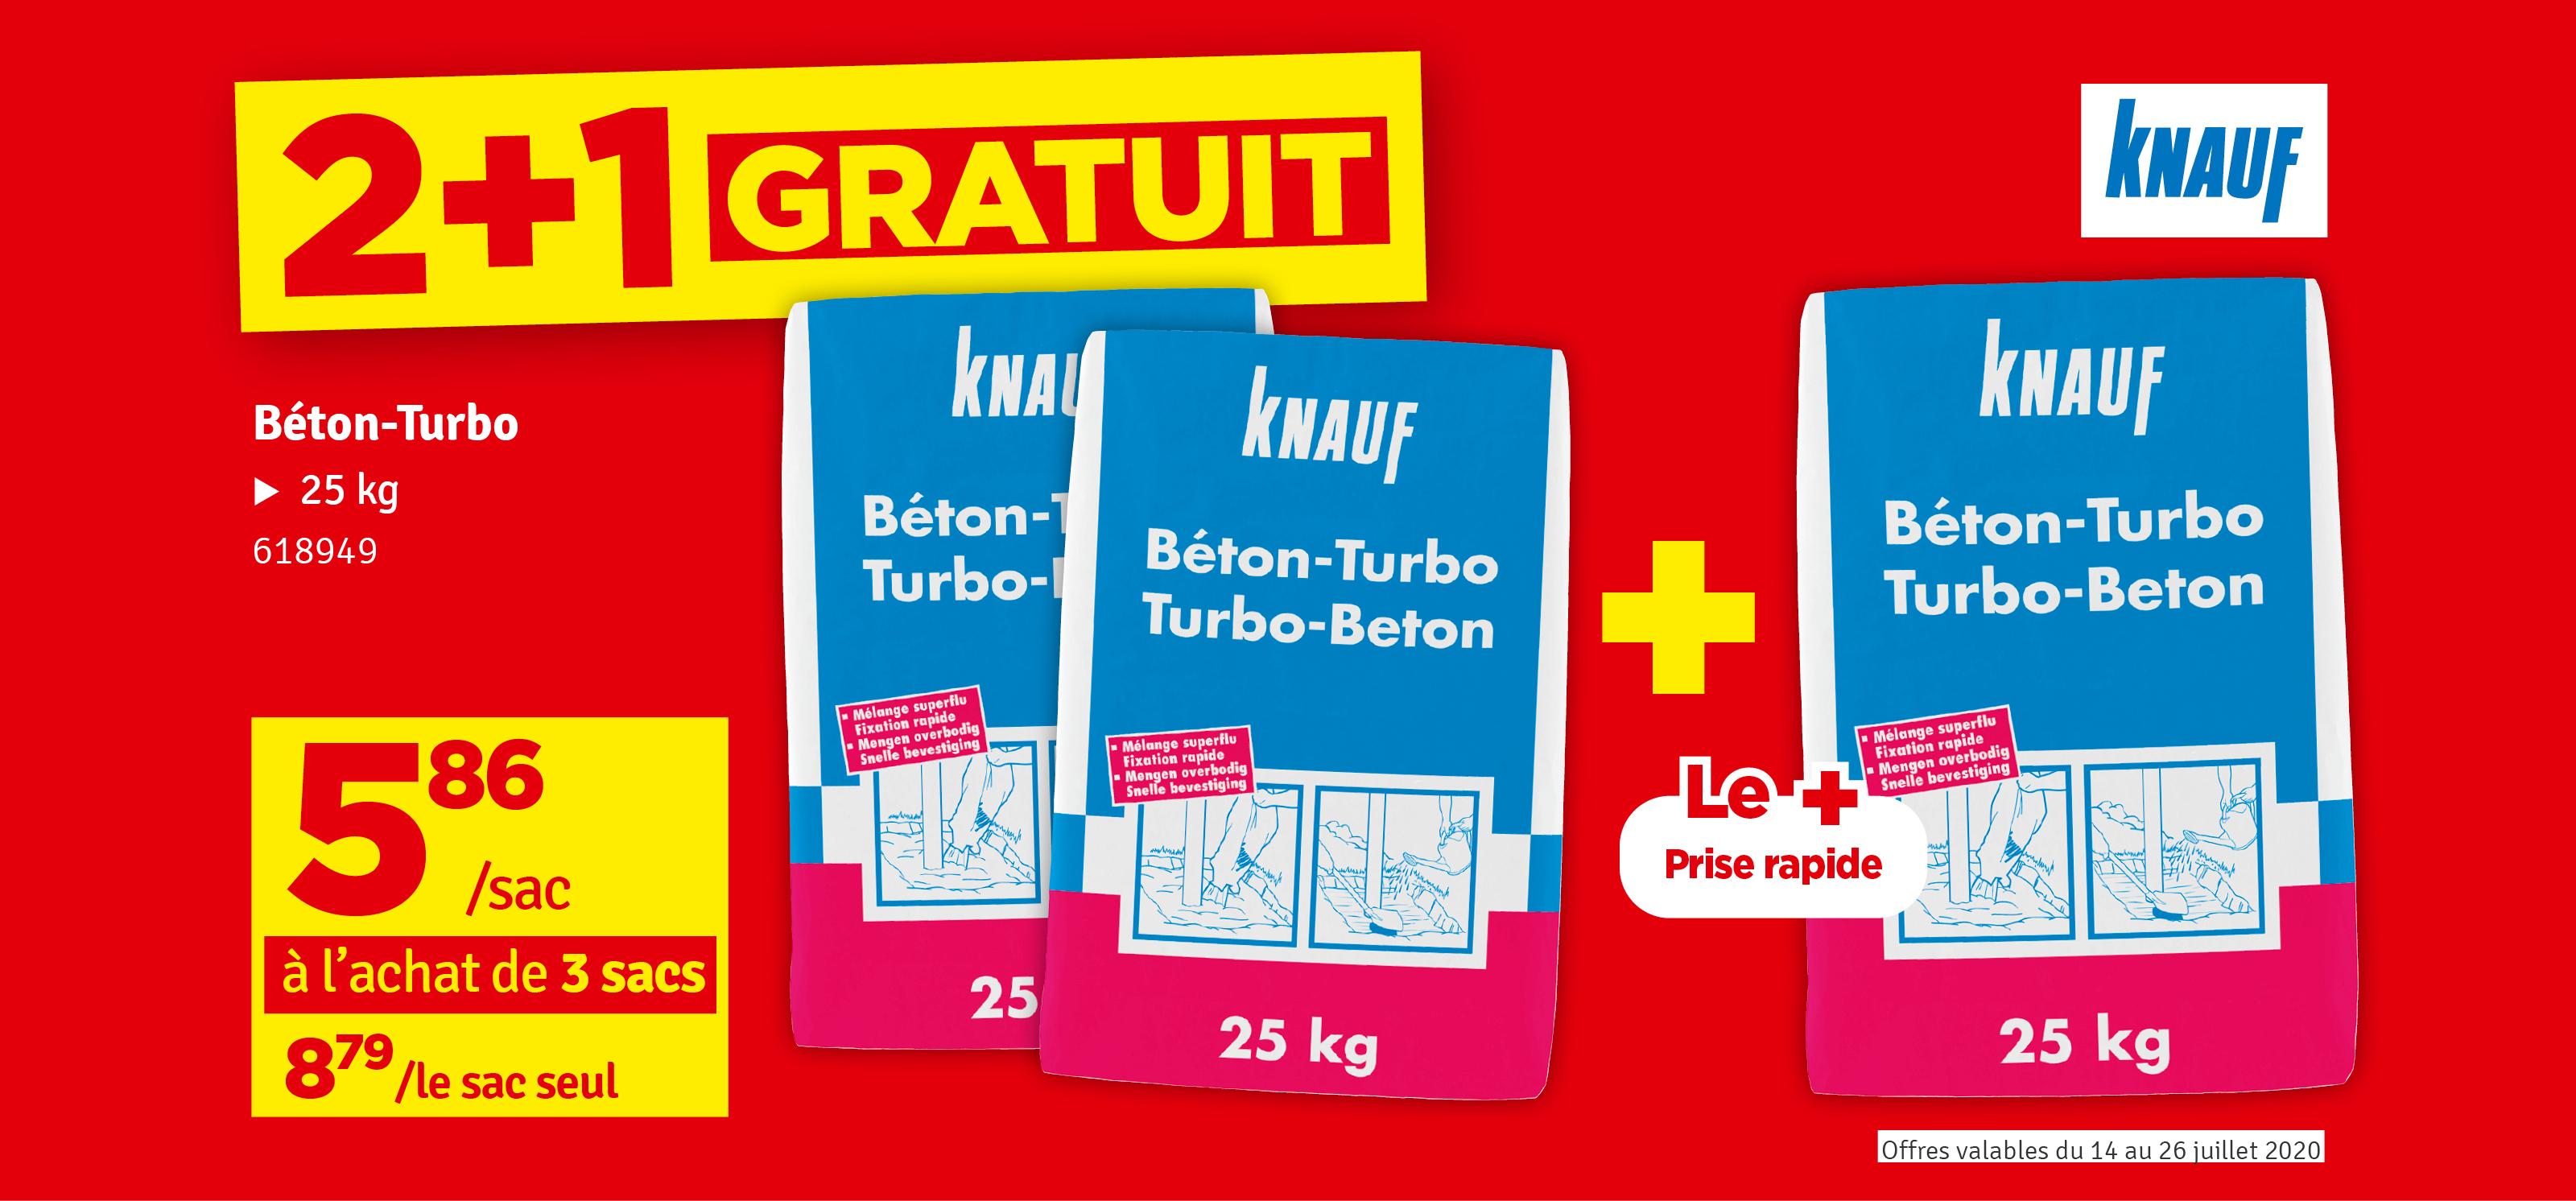 Promo - Béton à prise rapide prêt-à-l'emploi Turbo Béton de KNAUF 25 kg